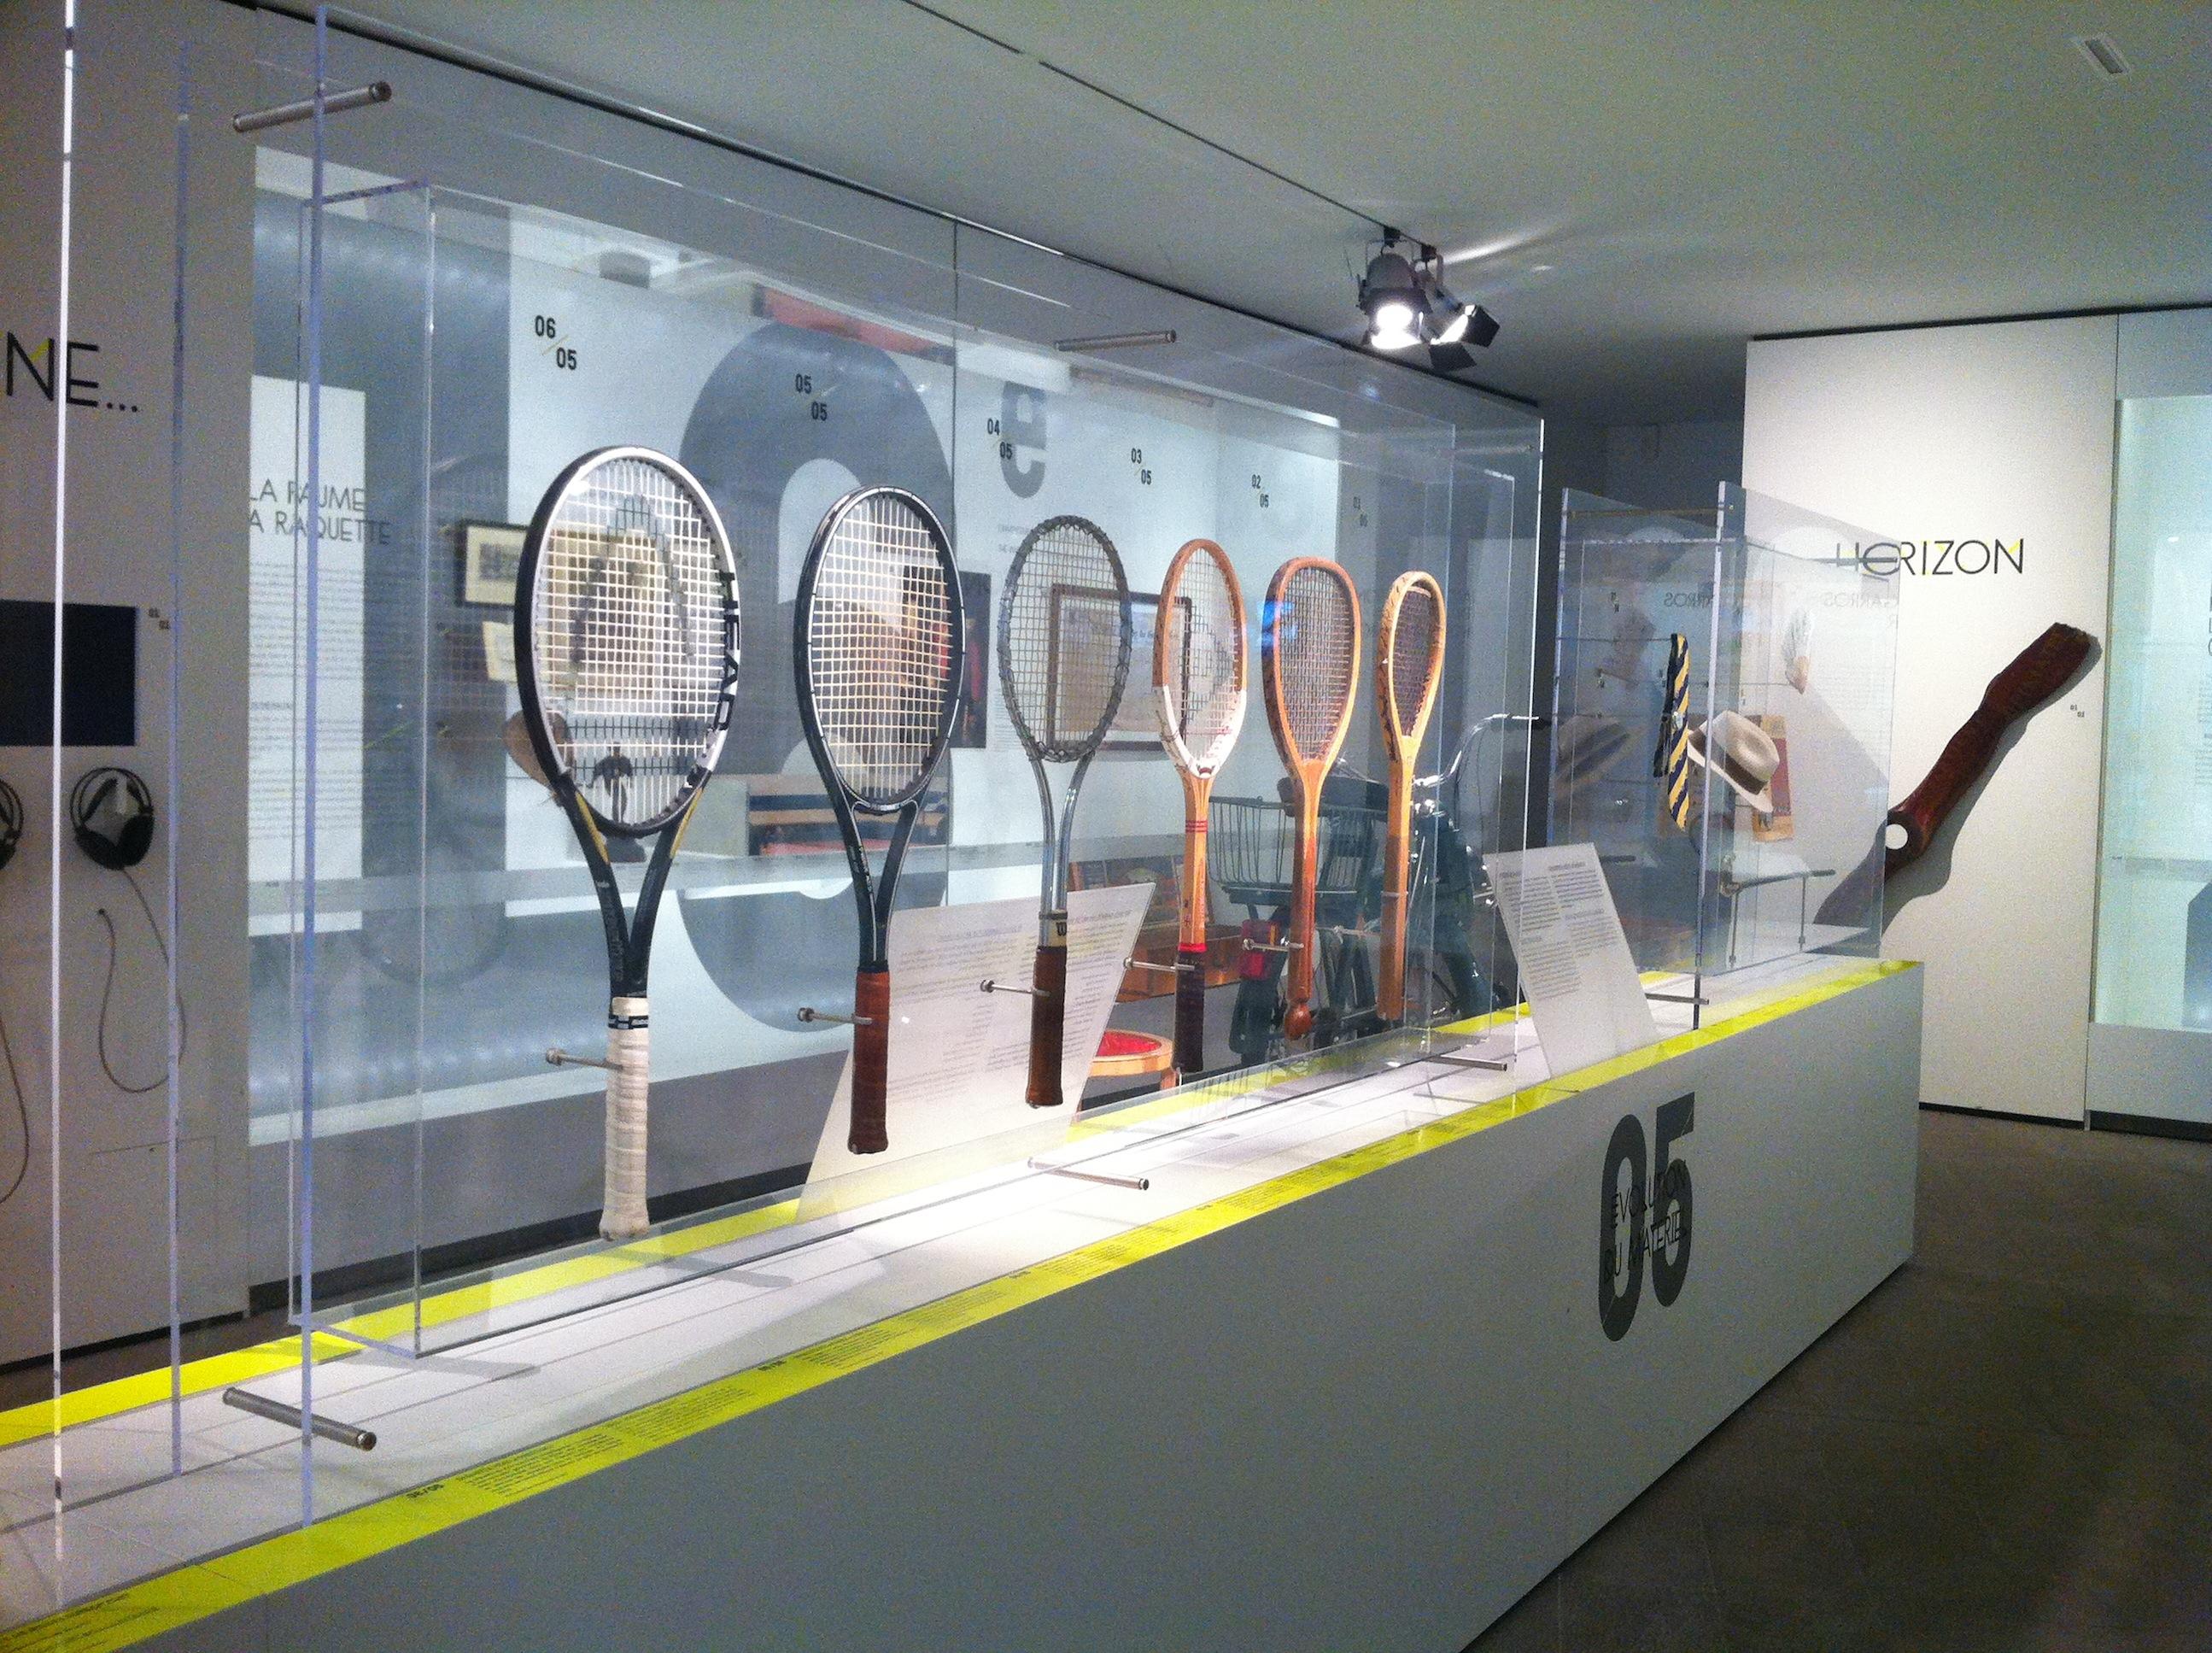 De droite à gauche : raquette de paume (1625),  raquette Gyles Bros LTD «Club» (1895), raquette Dunlop (1960), raquette Wilson «T2000» (1970), raquette Prokennex «Fiber Ace» (1995)...